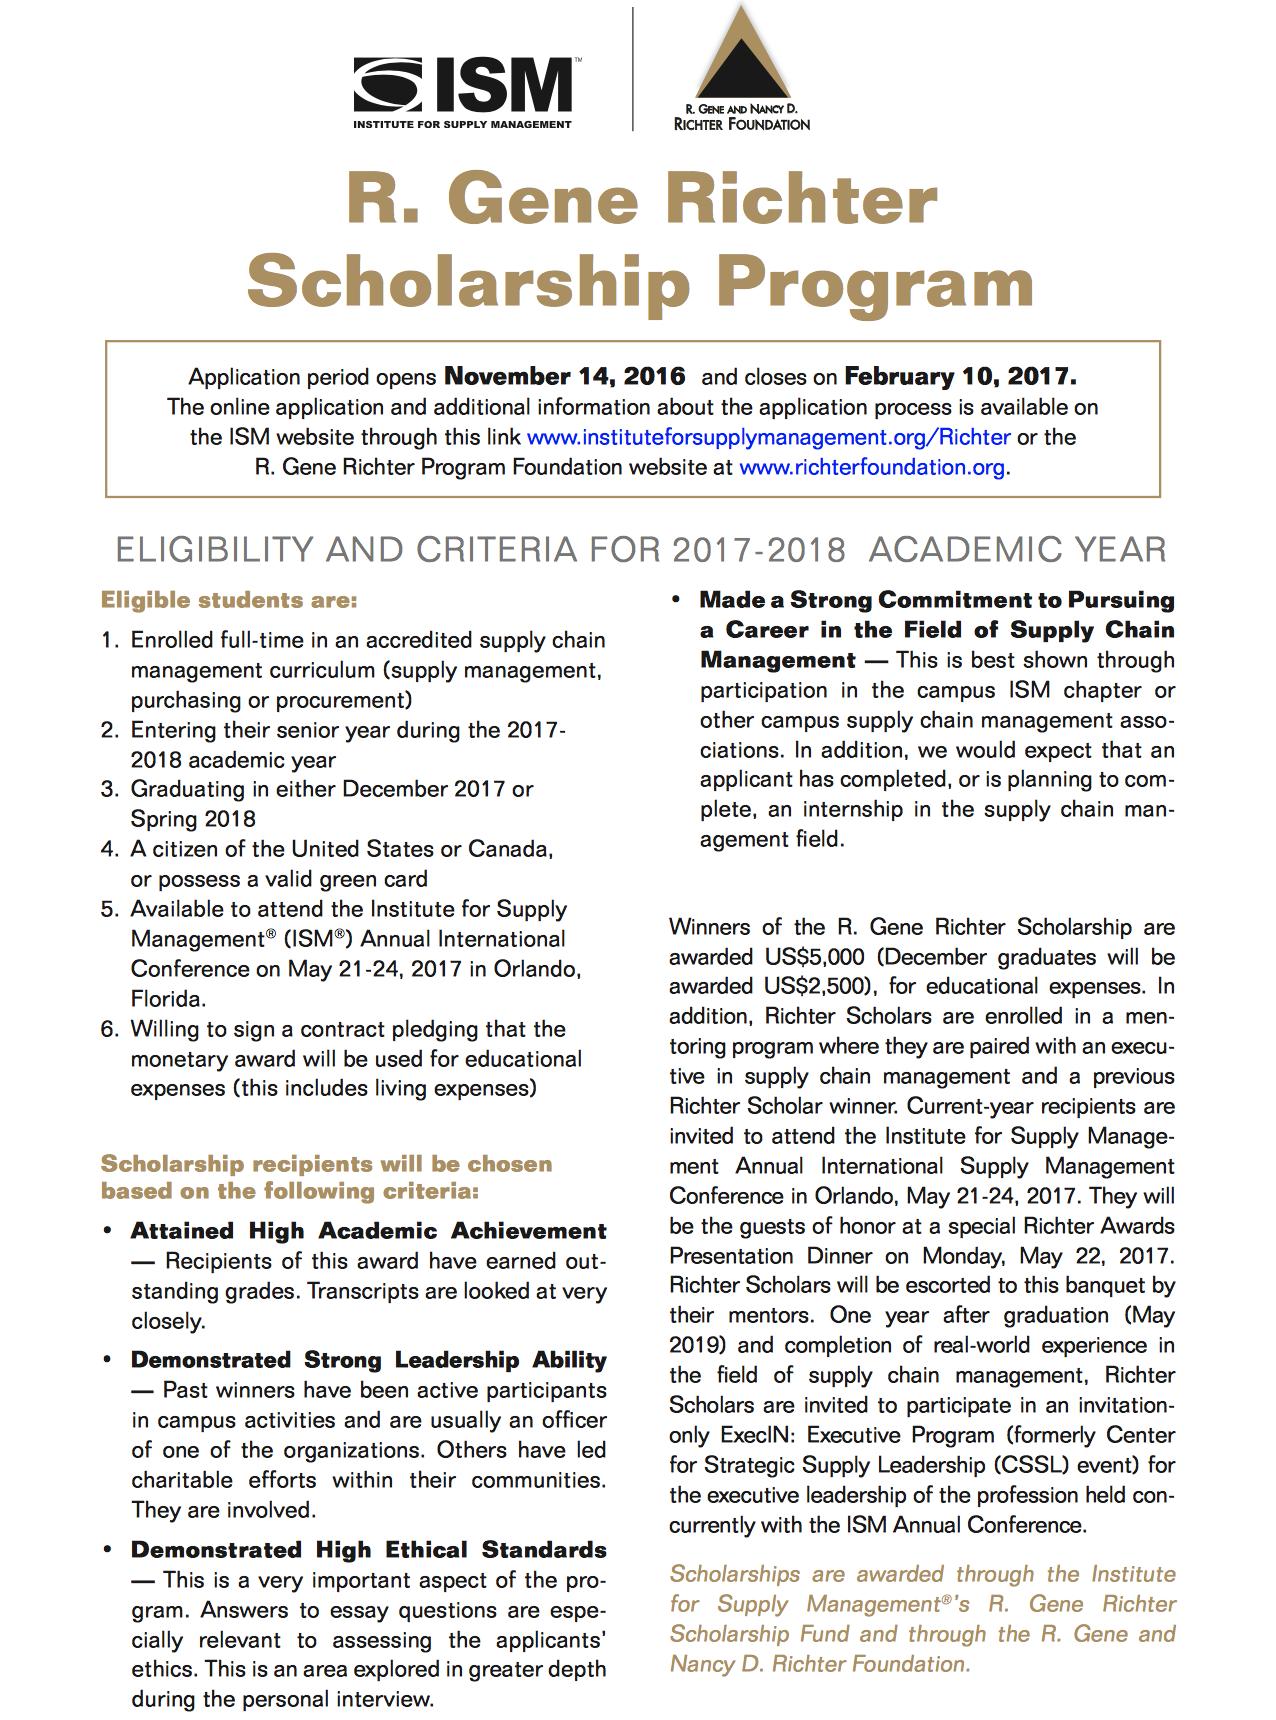 R. Gene Richter Supply Chain Management Scholarship